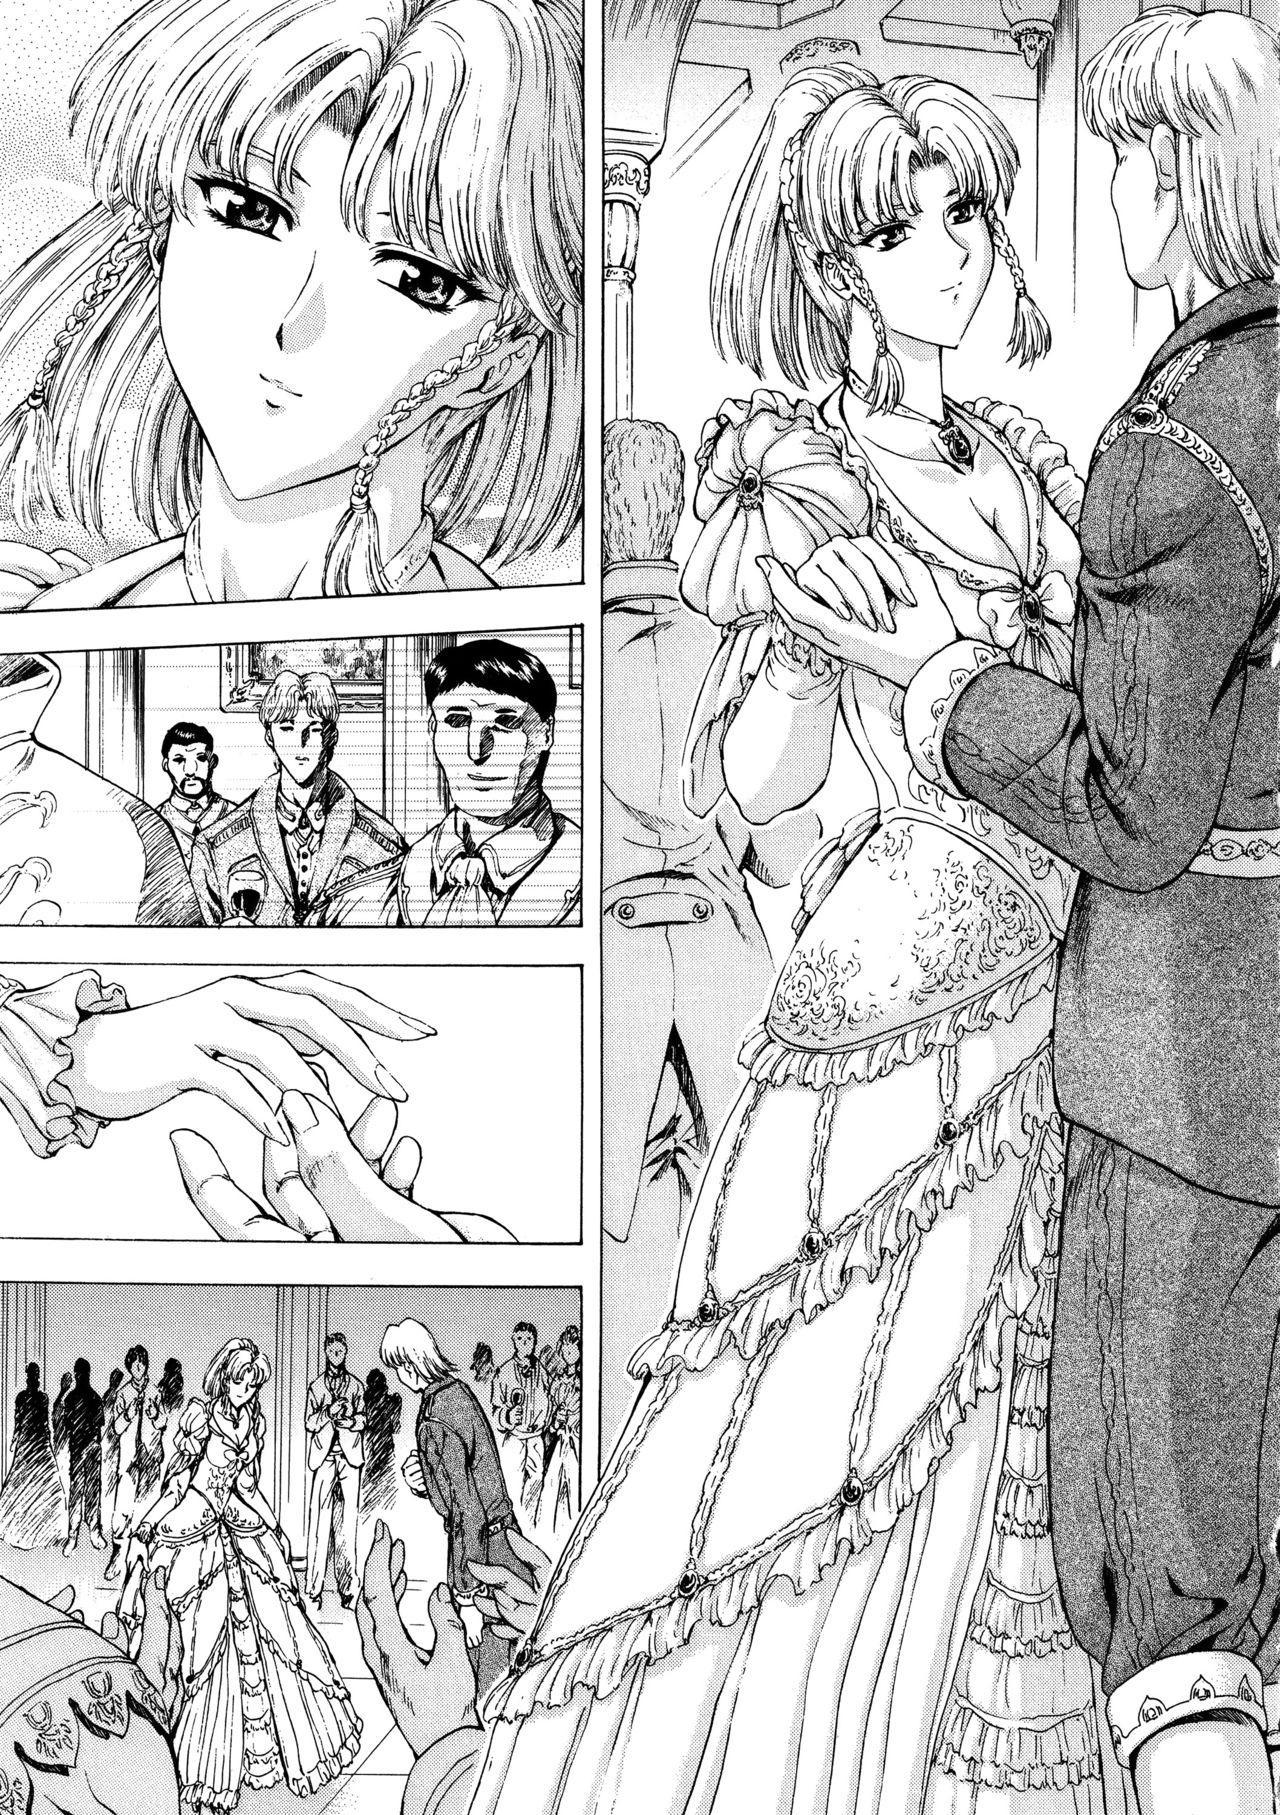 Ginryuu no Reimei Vol. 1 56